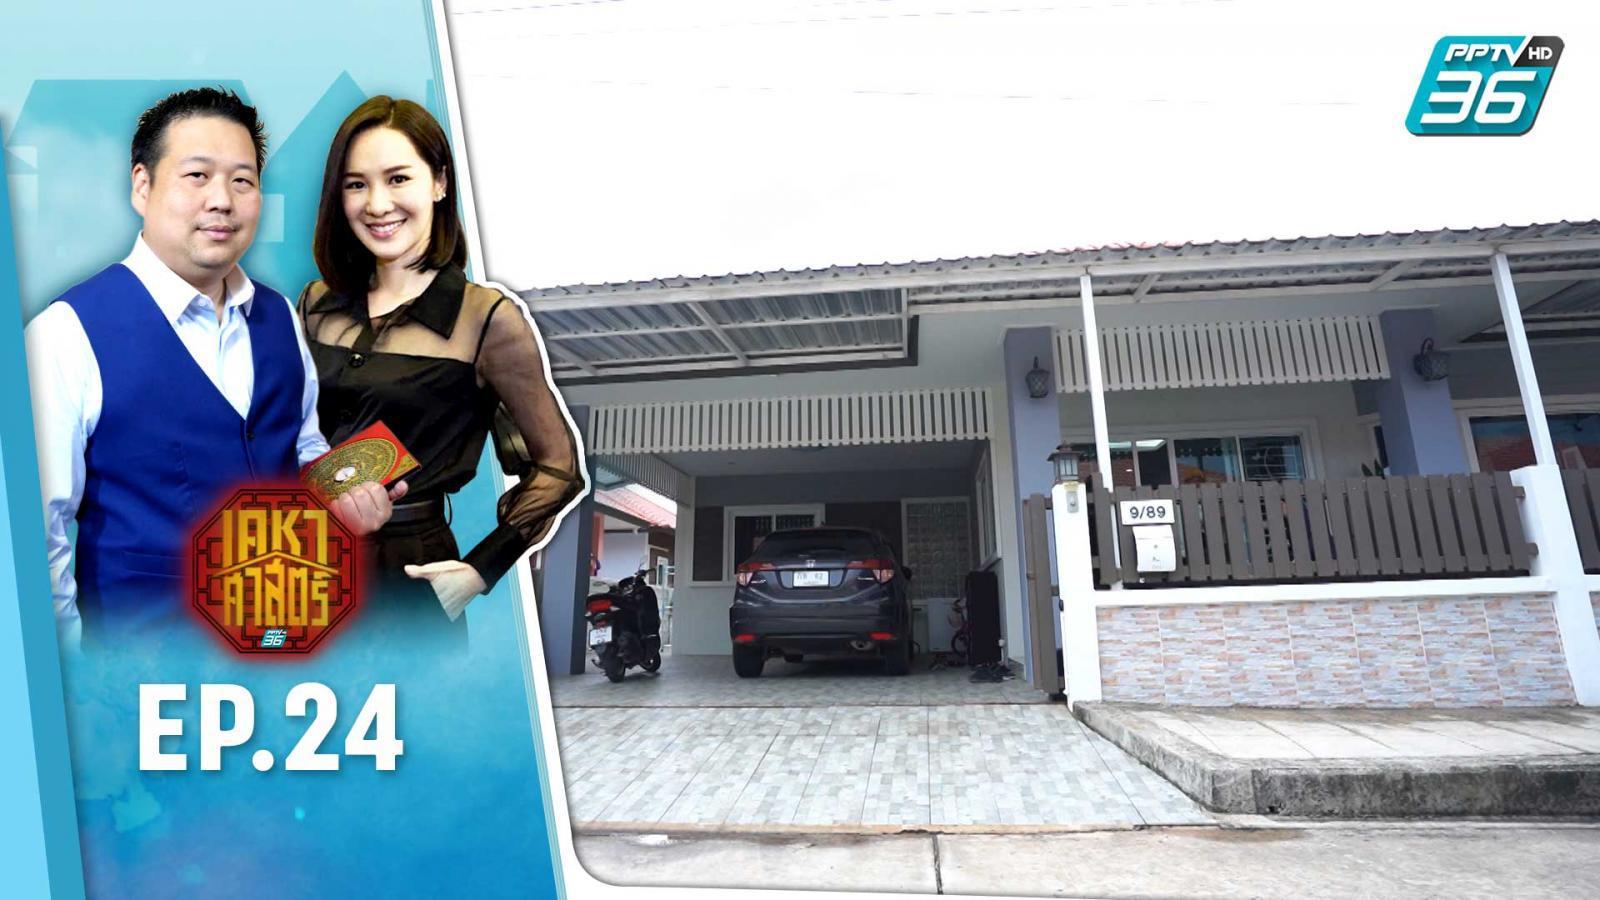 เคหาศาสตร์ | ตี่ลี่ ฮวงจุ้ย | ตอน บ้านทำคุณคนไม่ขึ้น EP.24 | PPTV HD 36